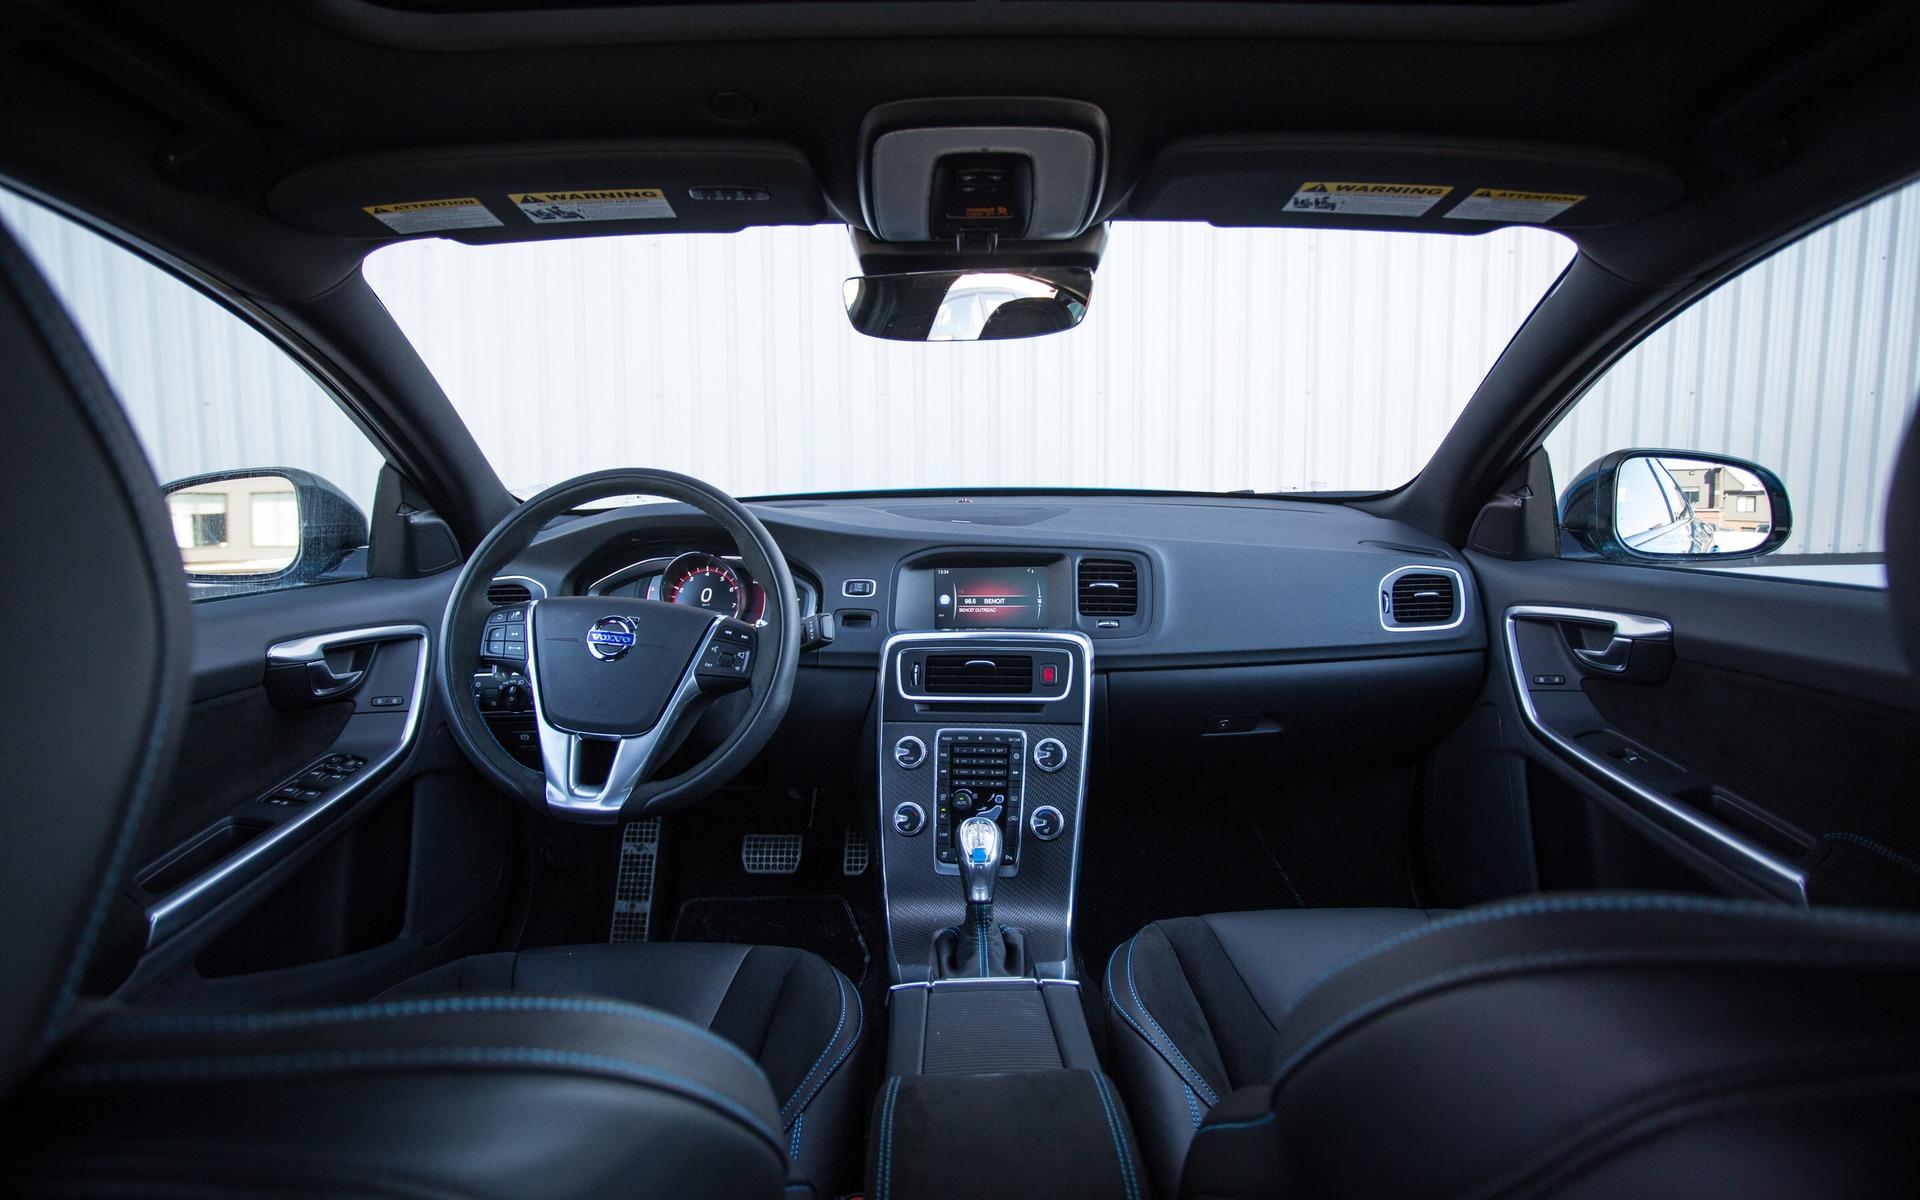 Les petits détails dans l'habitacle changent la dynamique de la voiture.